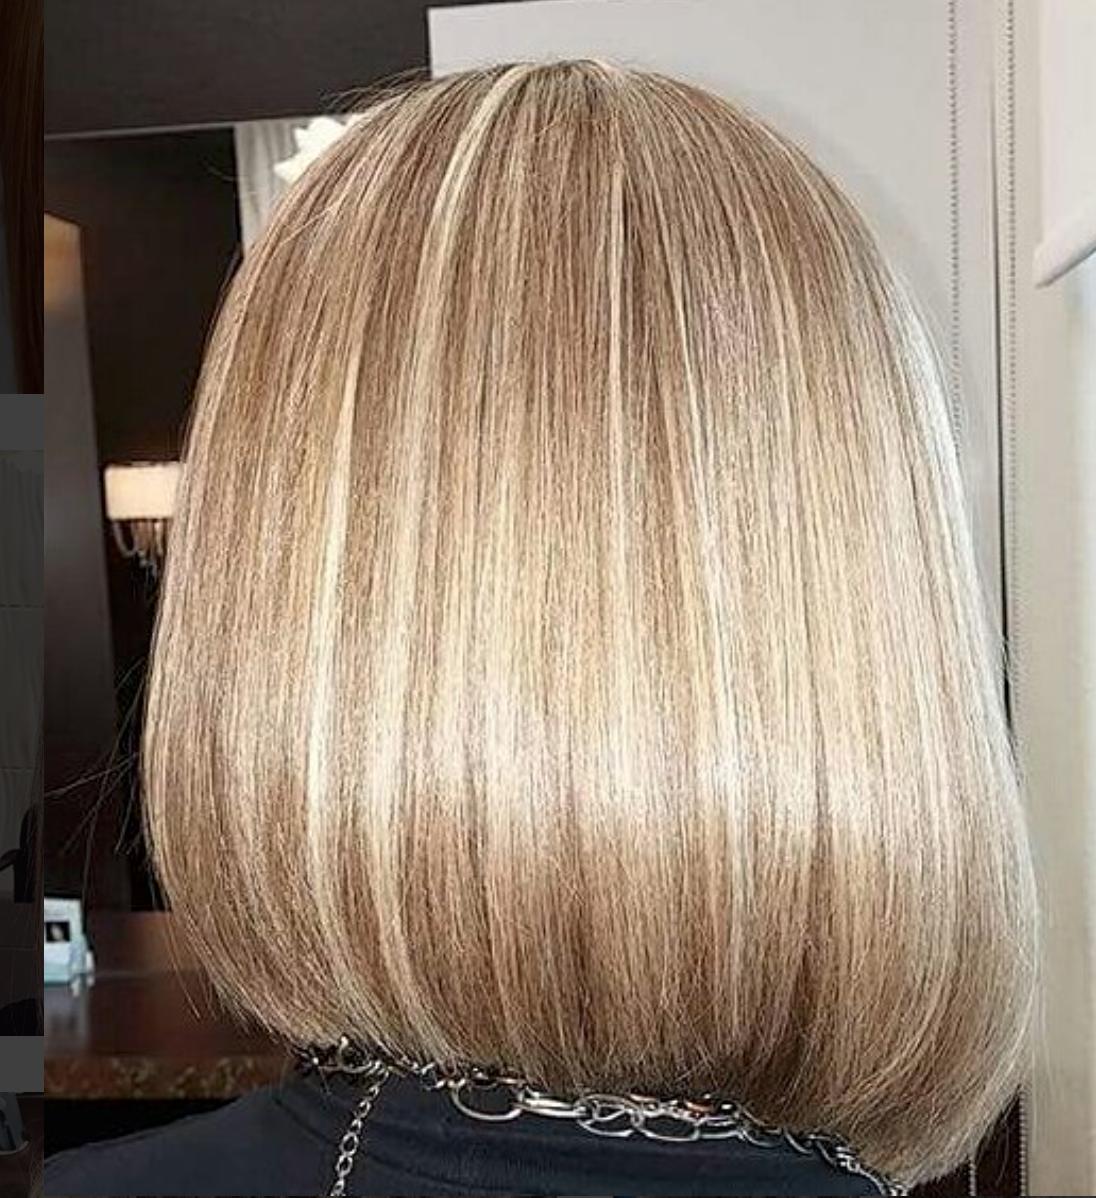 Olga Demskaya Las Vegas Hair 16.png